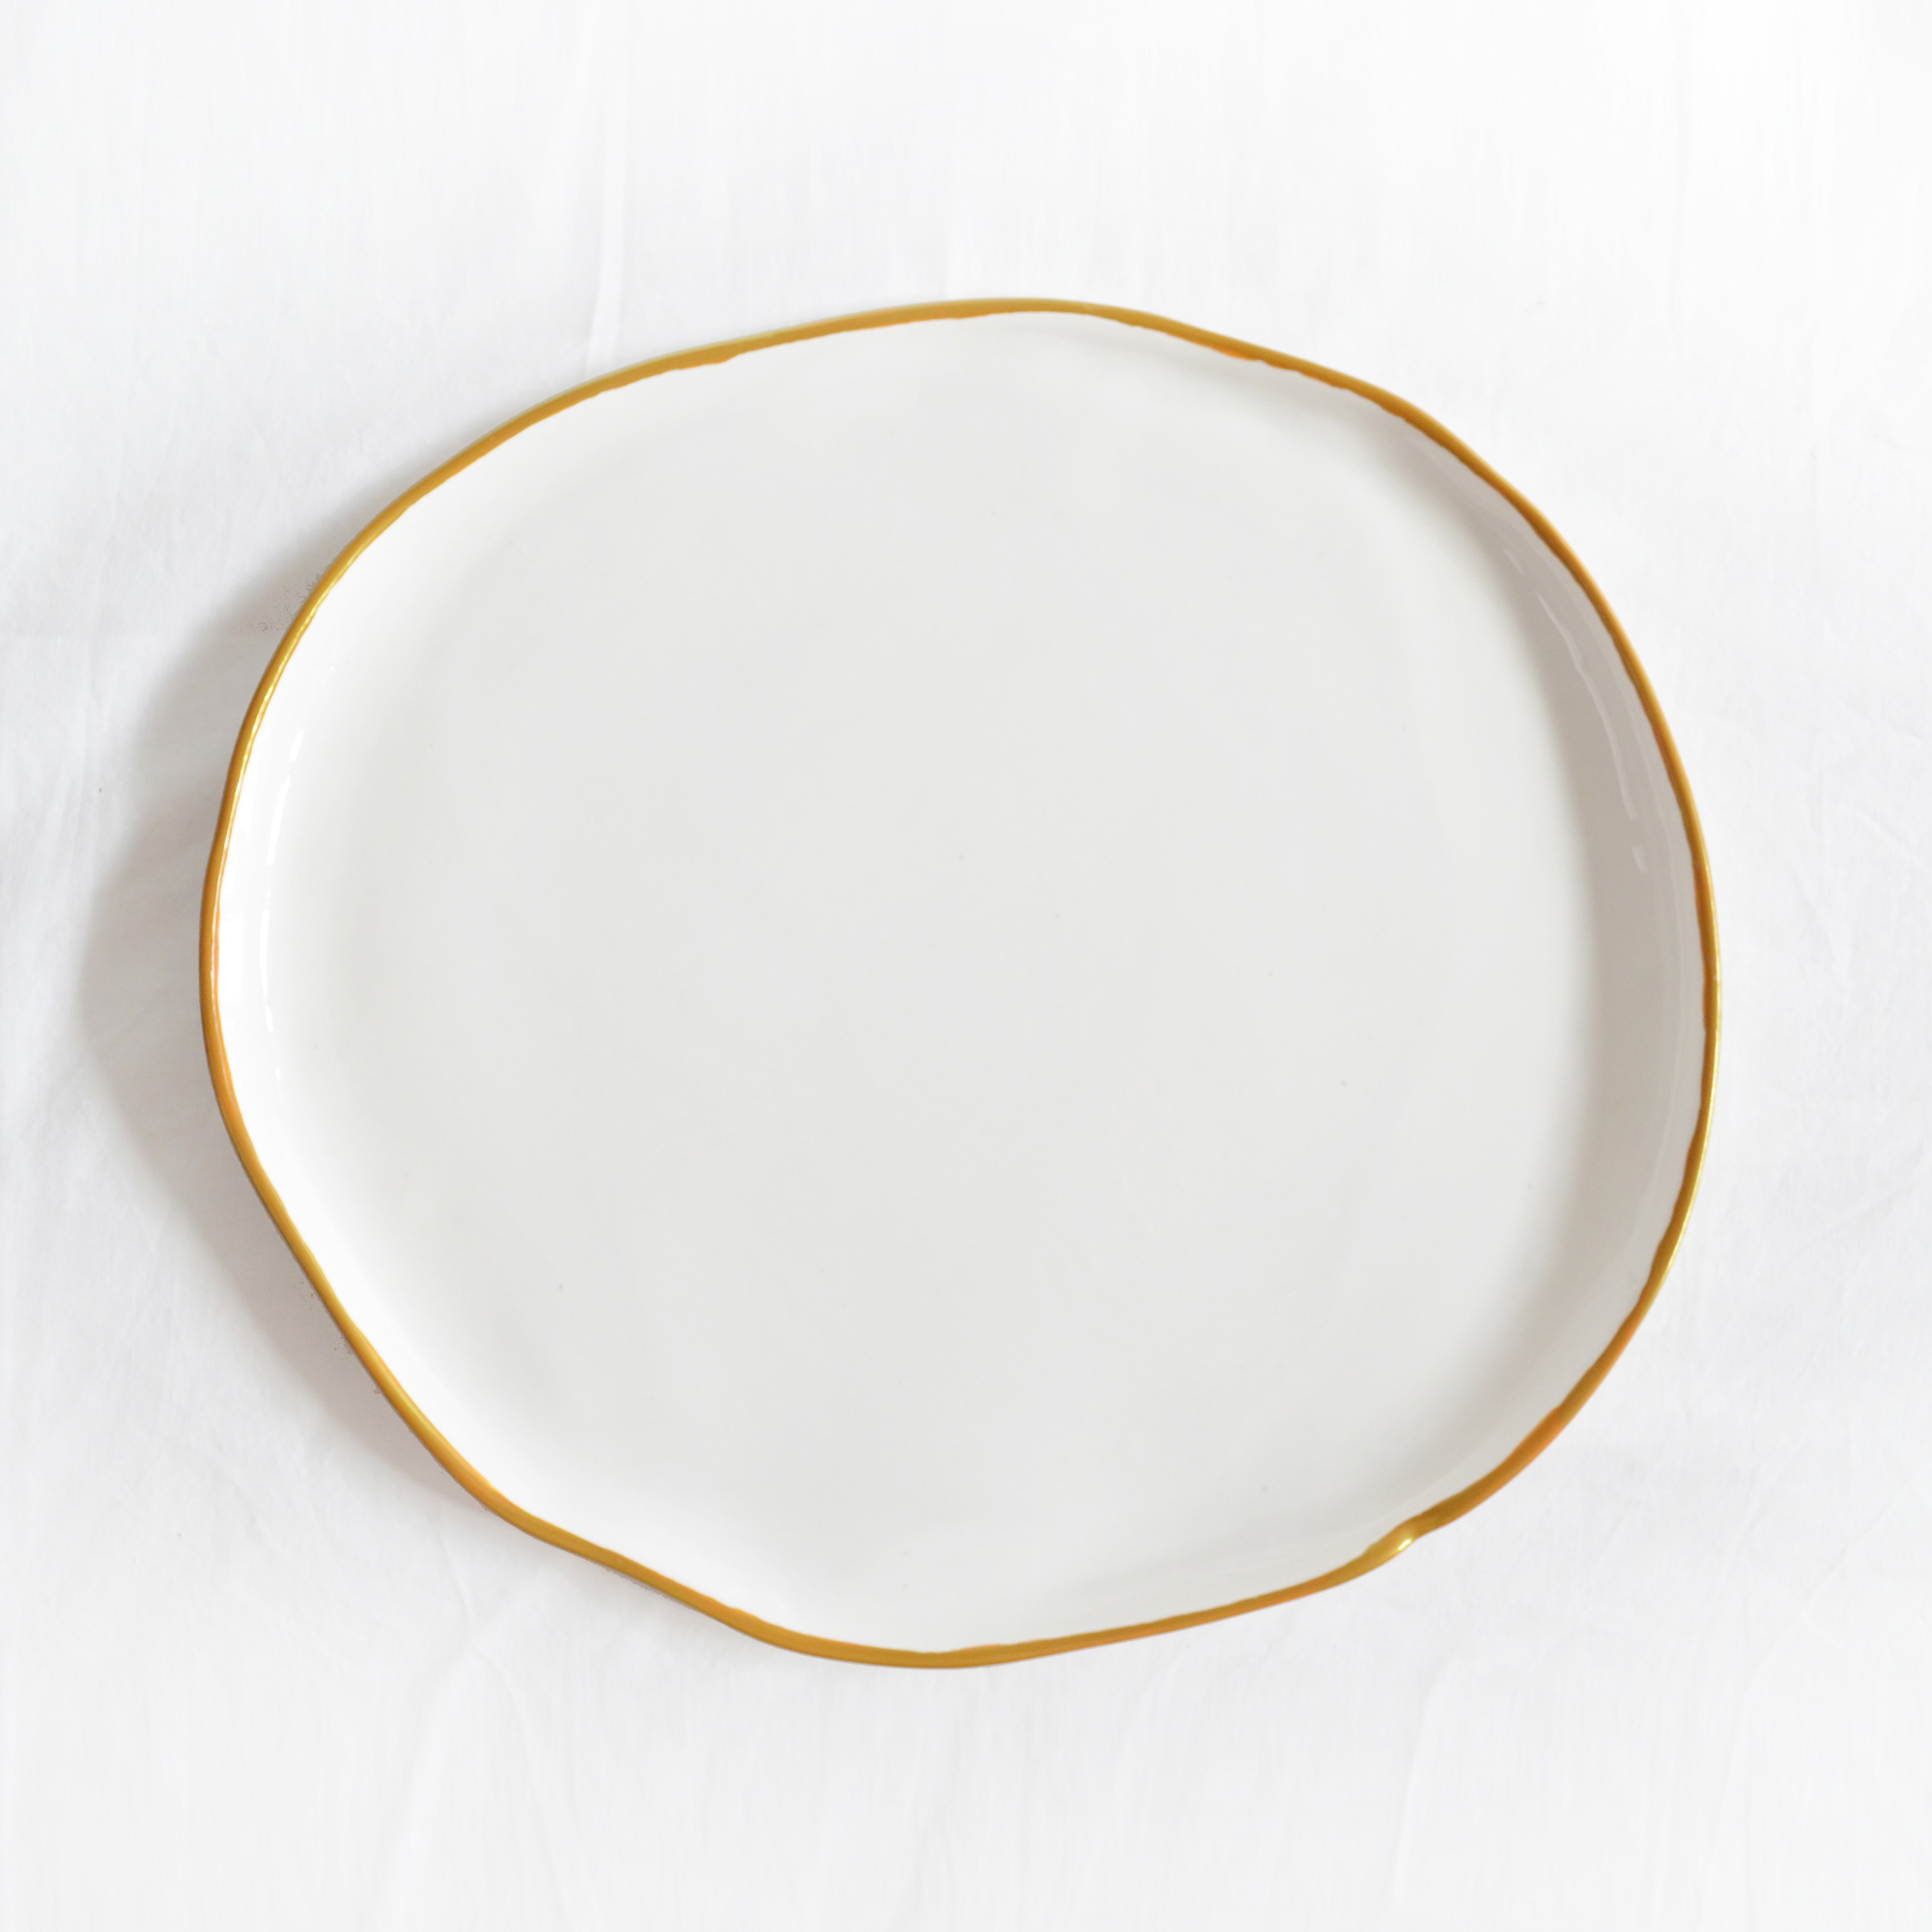 plato llano grande fabricado a mano miyaya de diseño